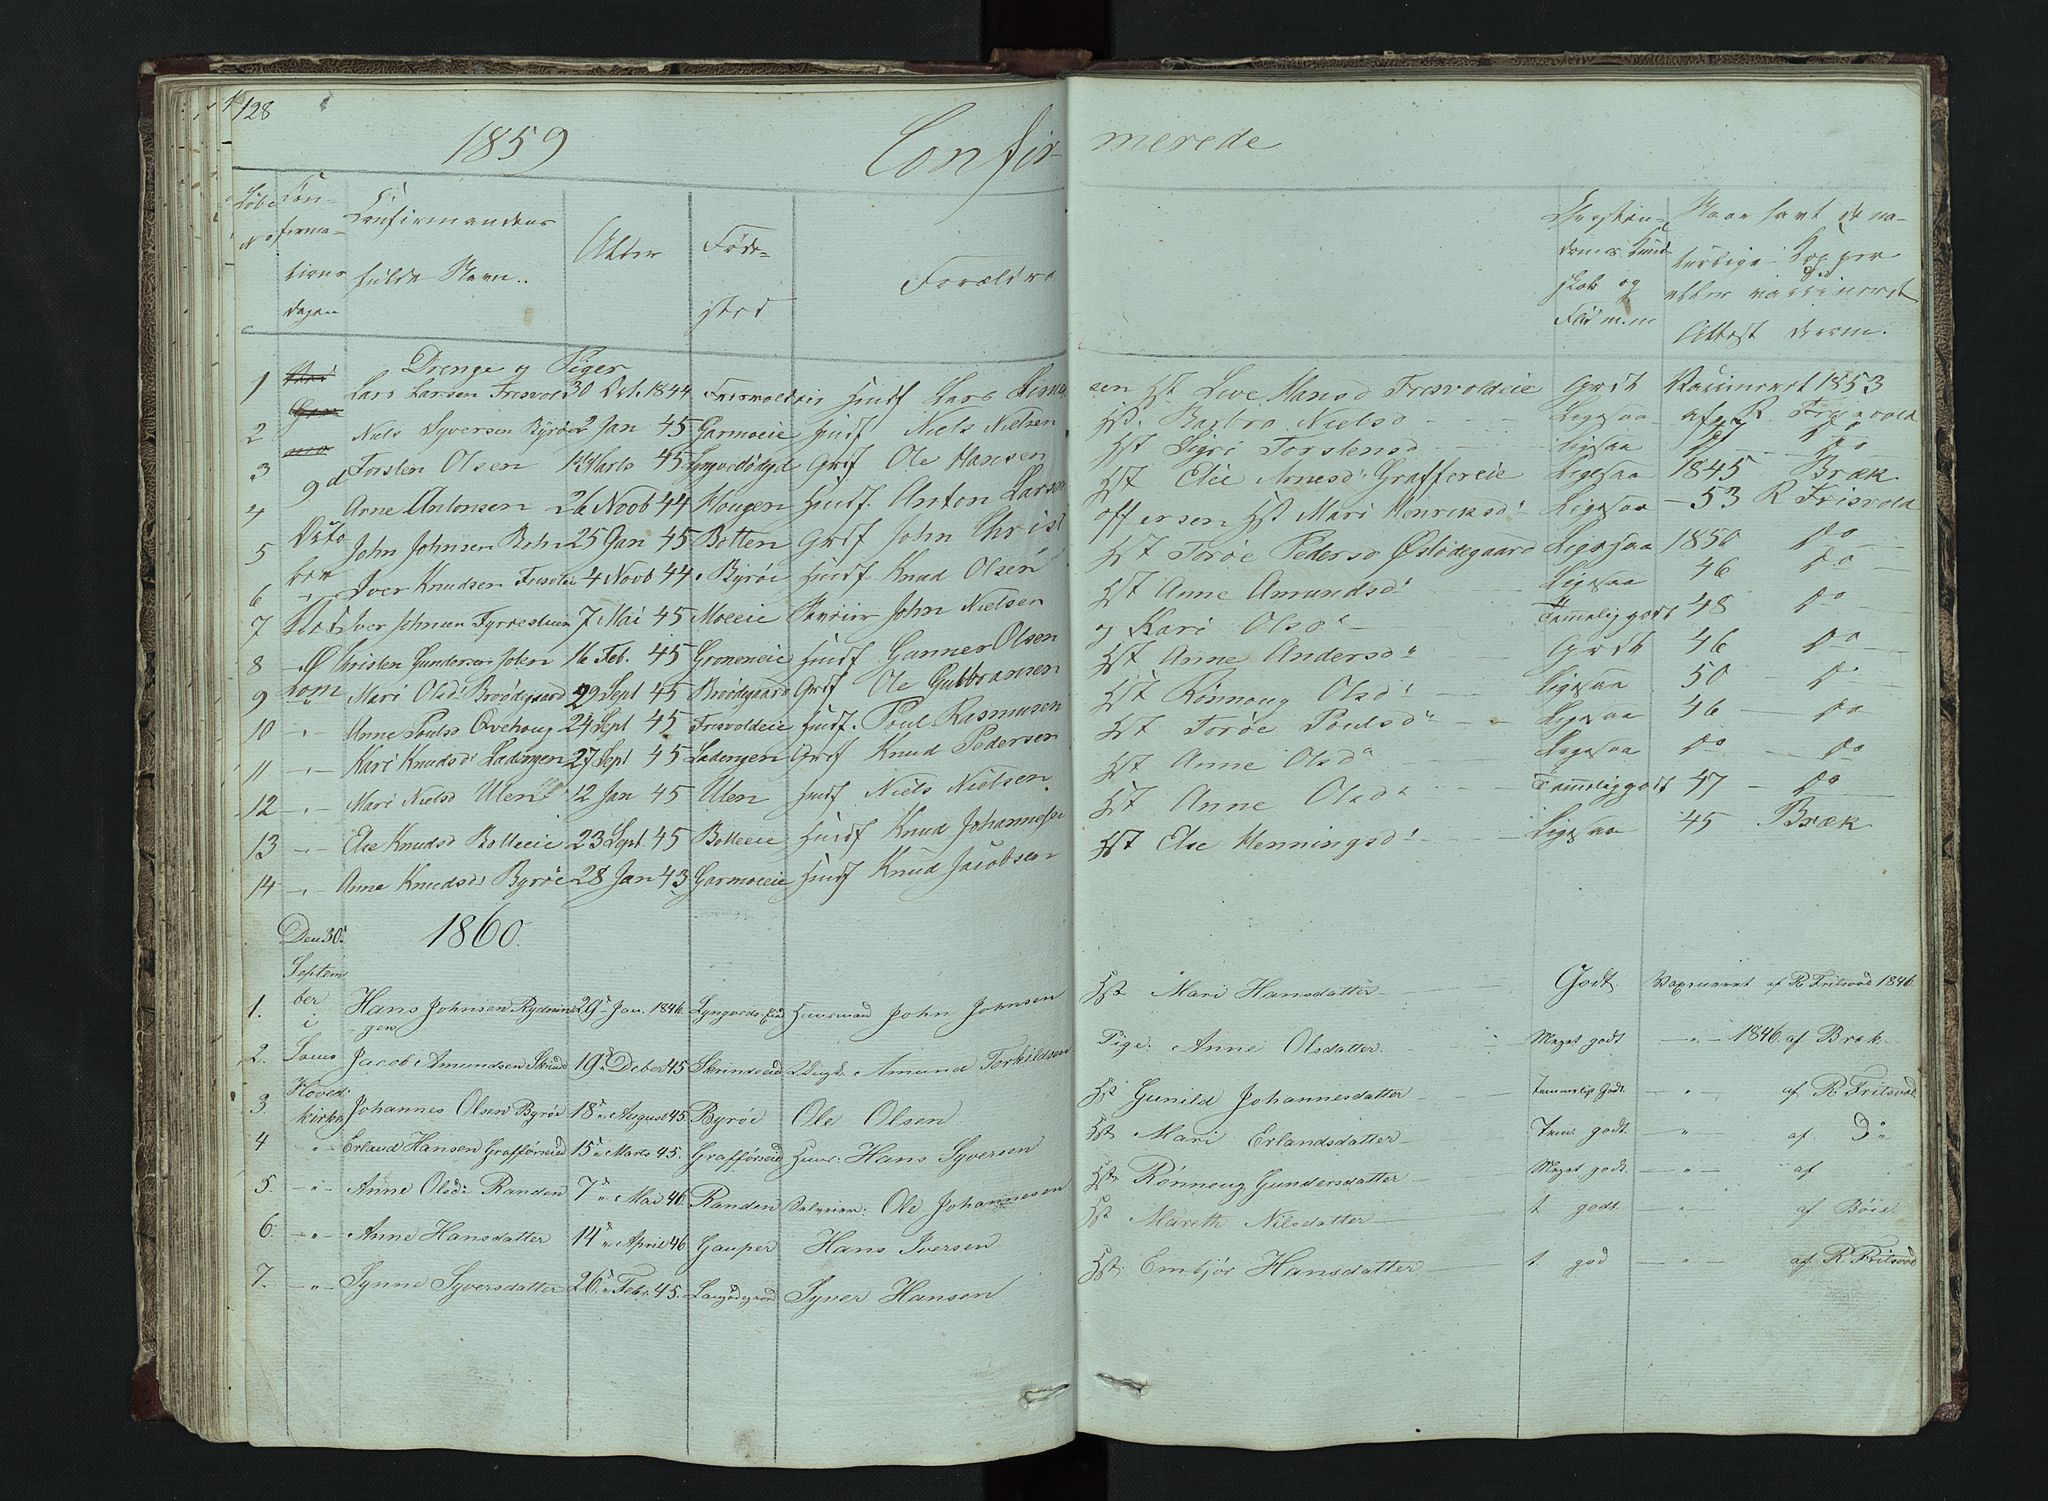 SAH, Lom prestekontor, L/L0014: Klokkerbok nr. 14, 1845-1876, s. 128-129